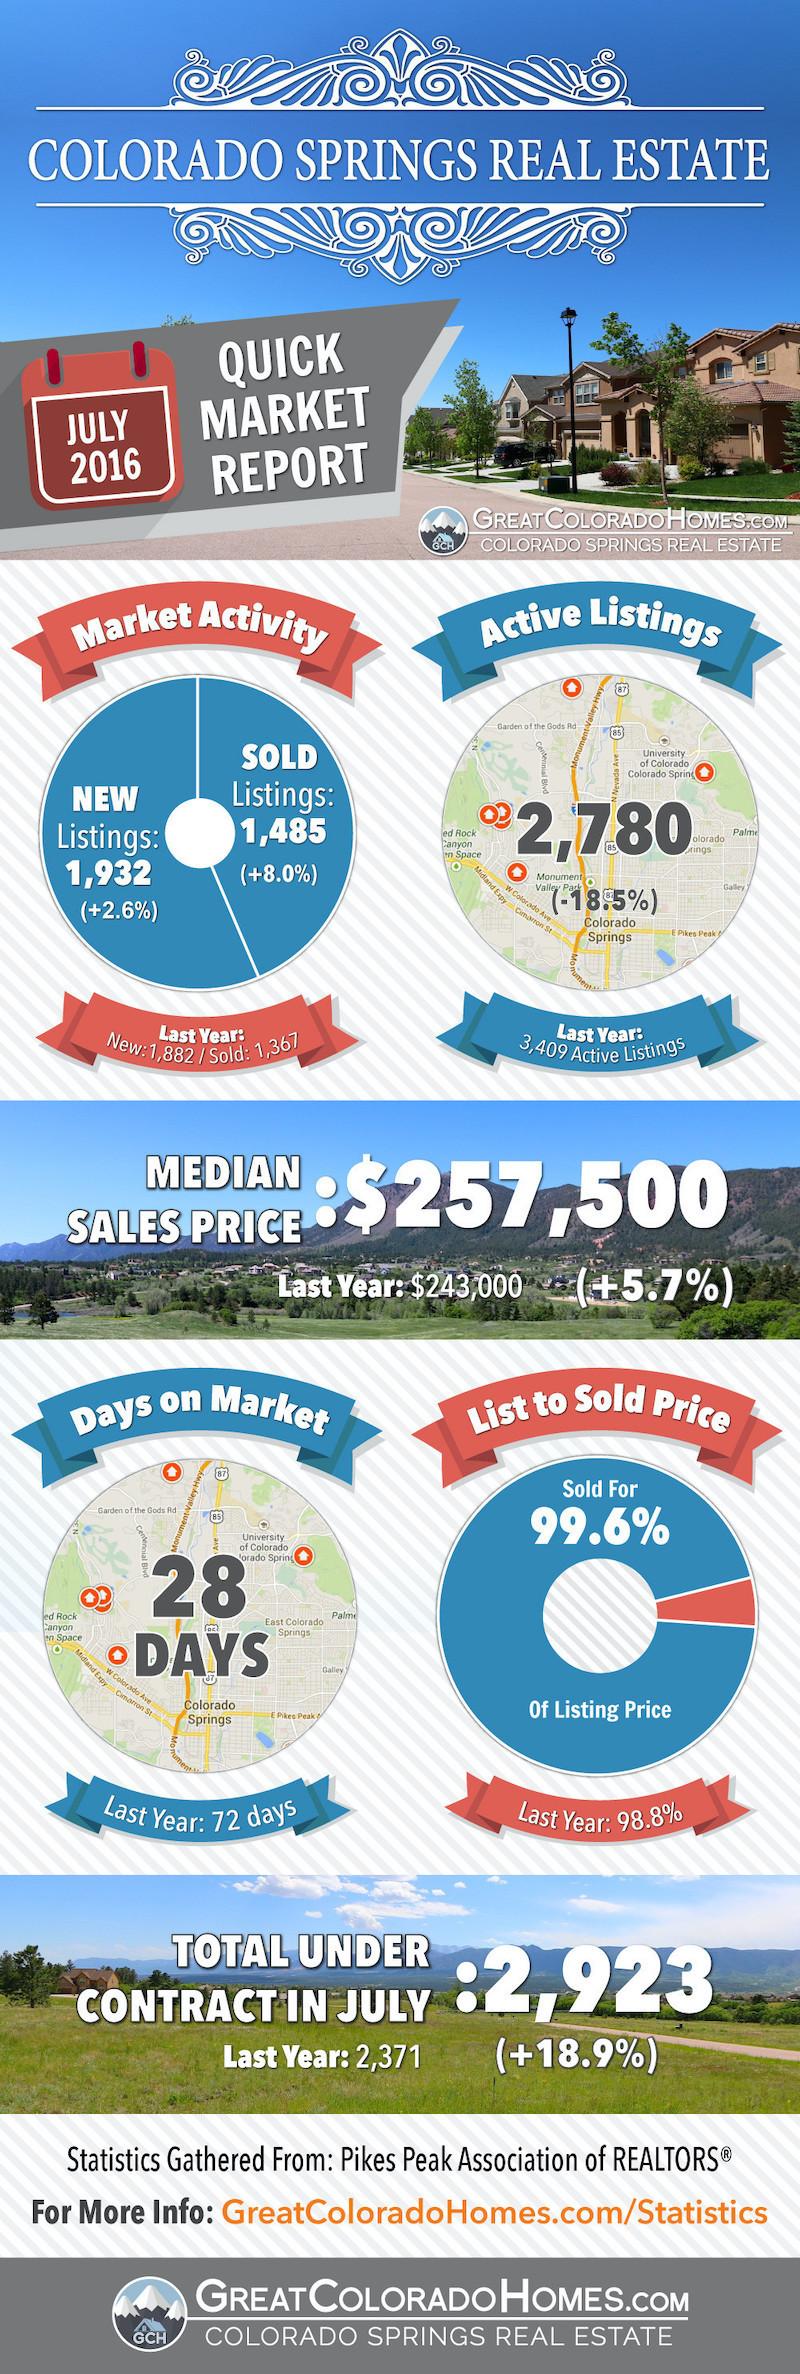 July 2016 Colorado Springs Real Estate Market Report